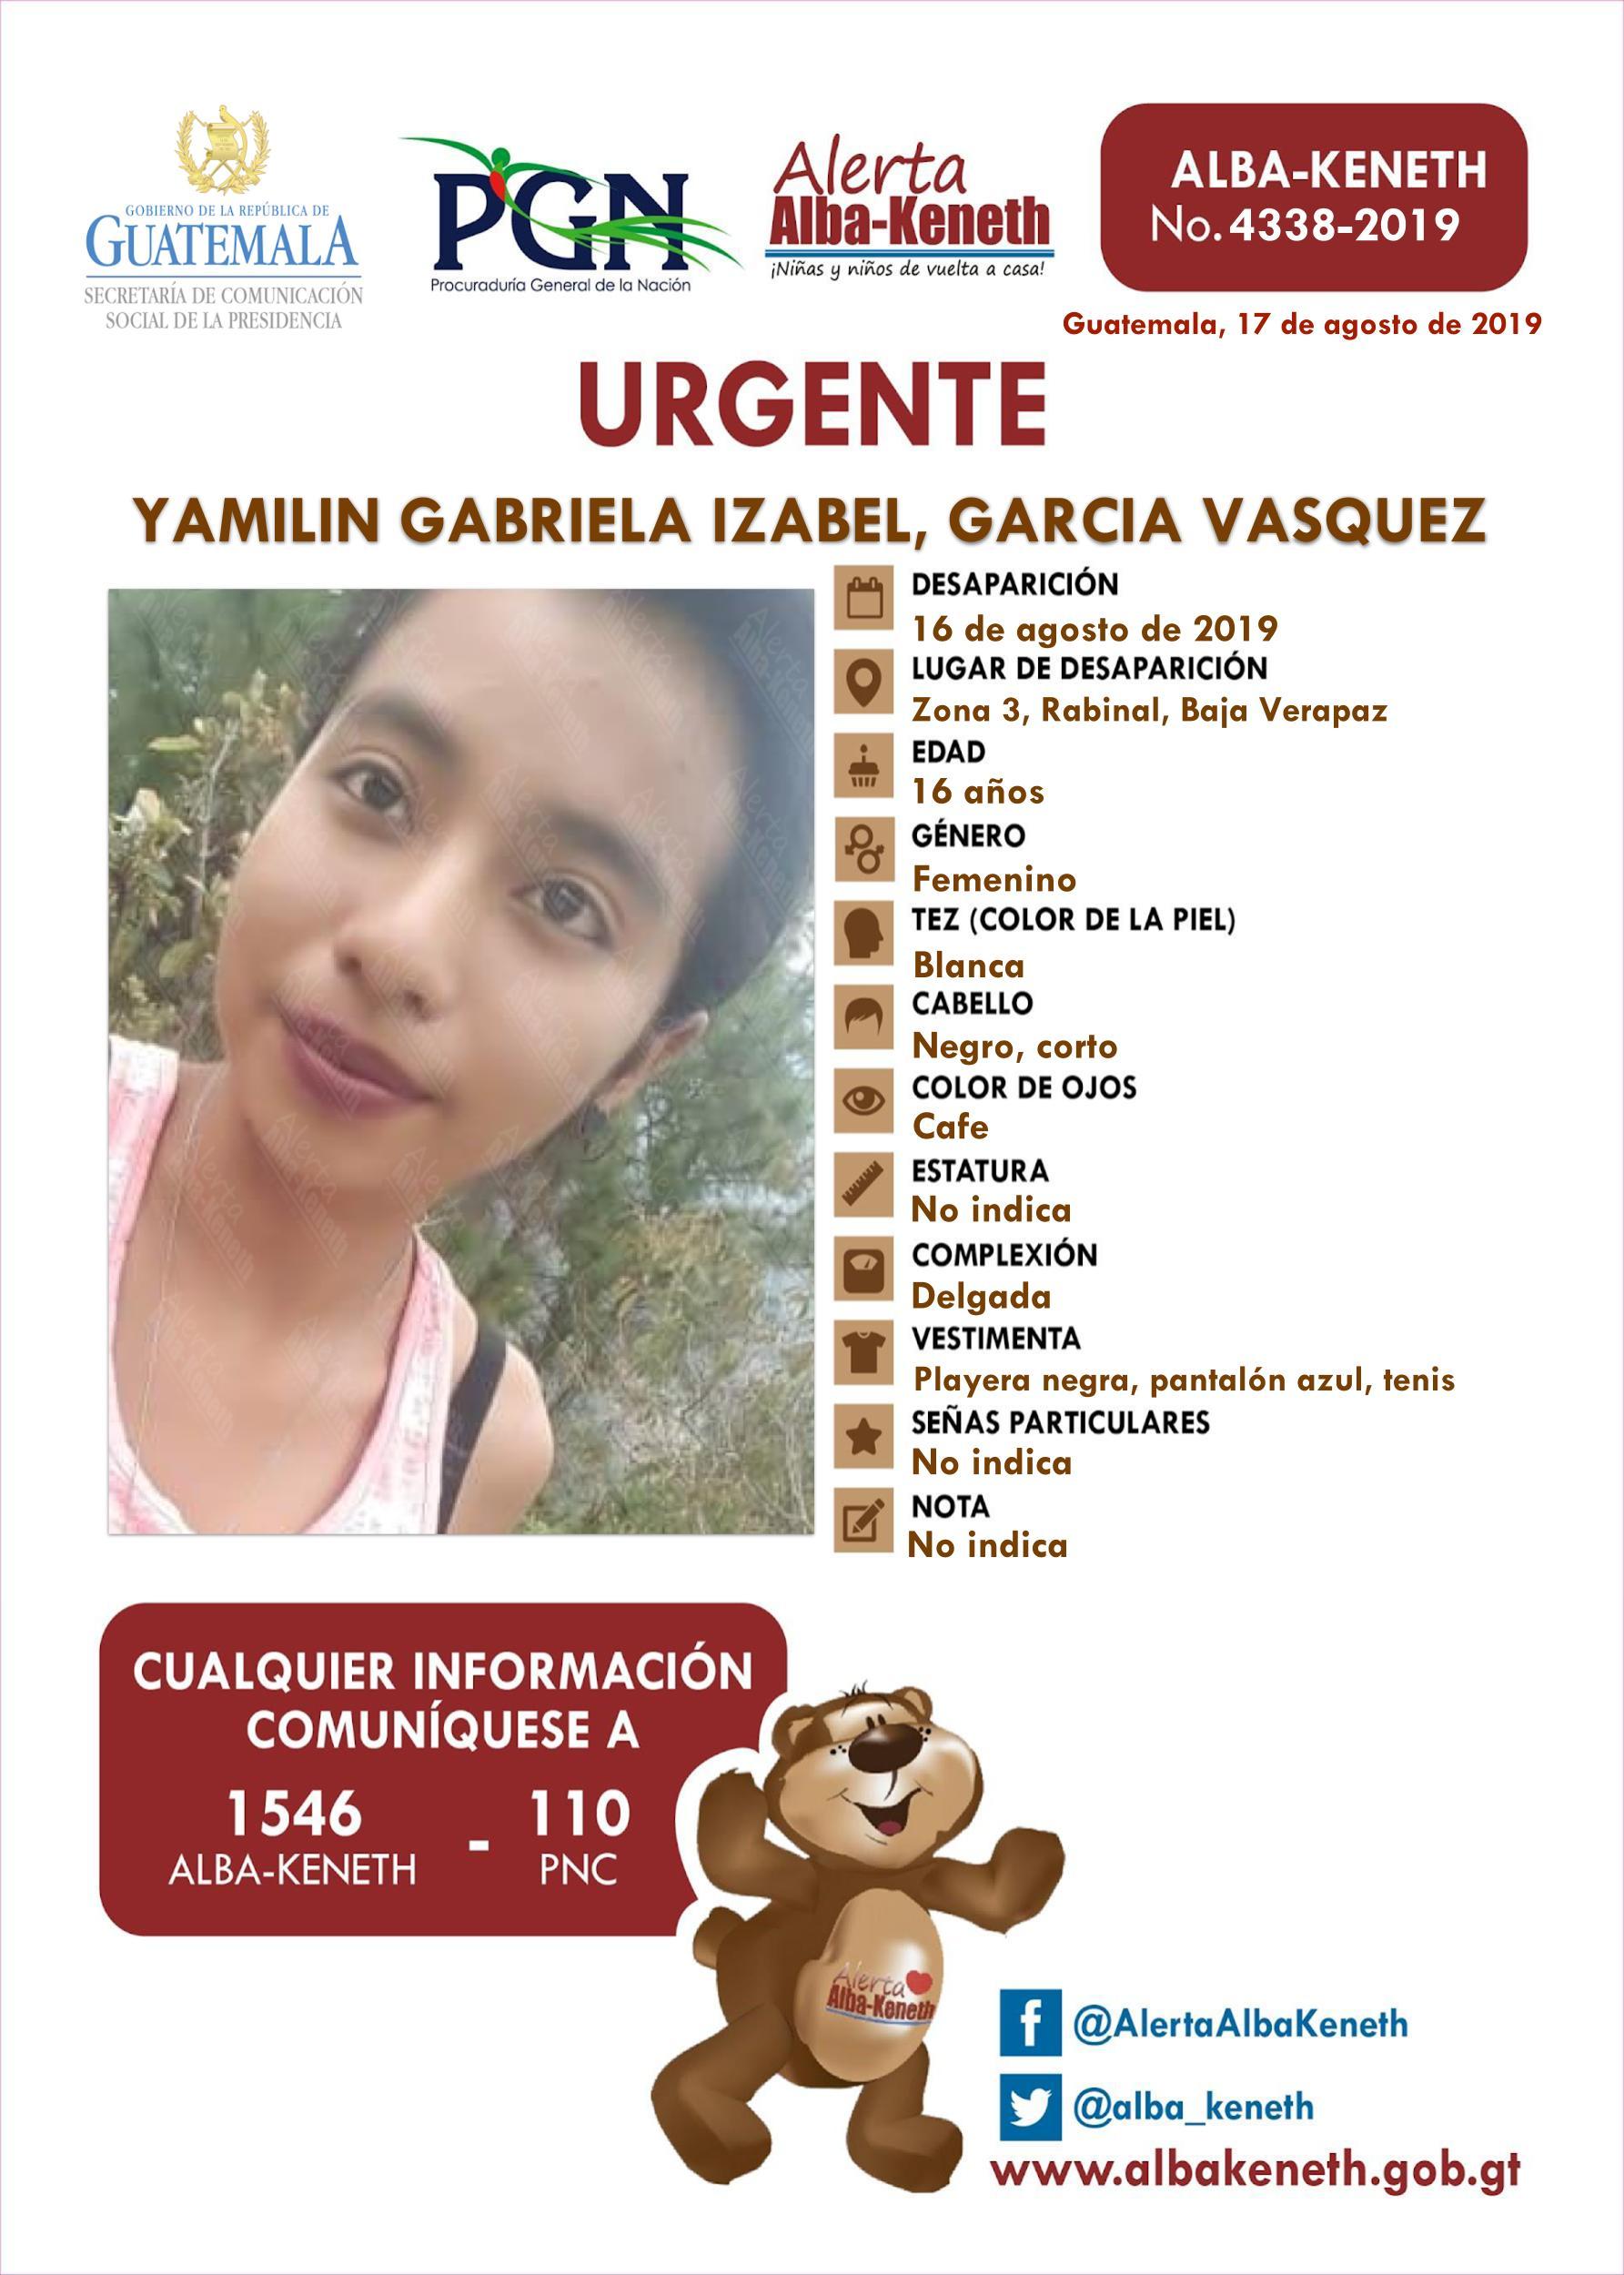 Yamilin Gabriela Izabel Garcia Vasquez